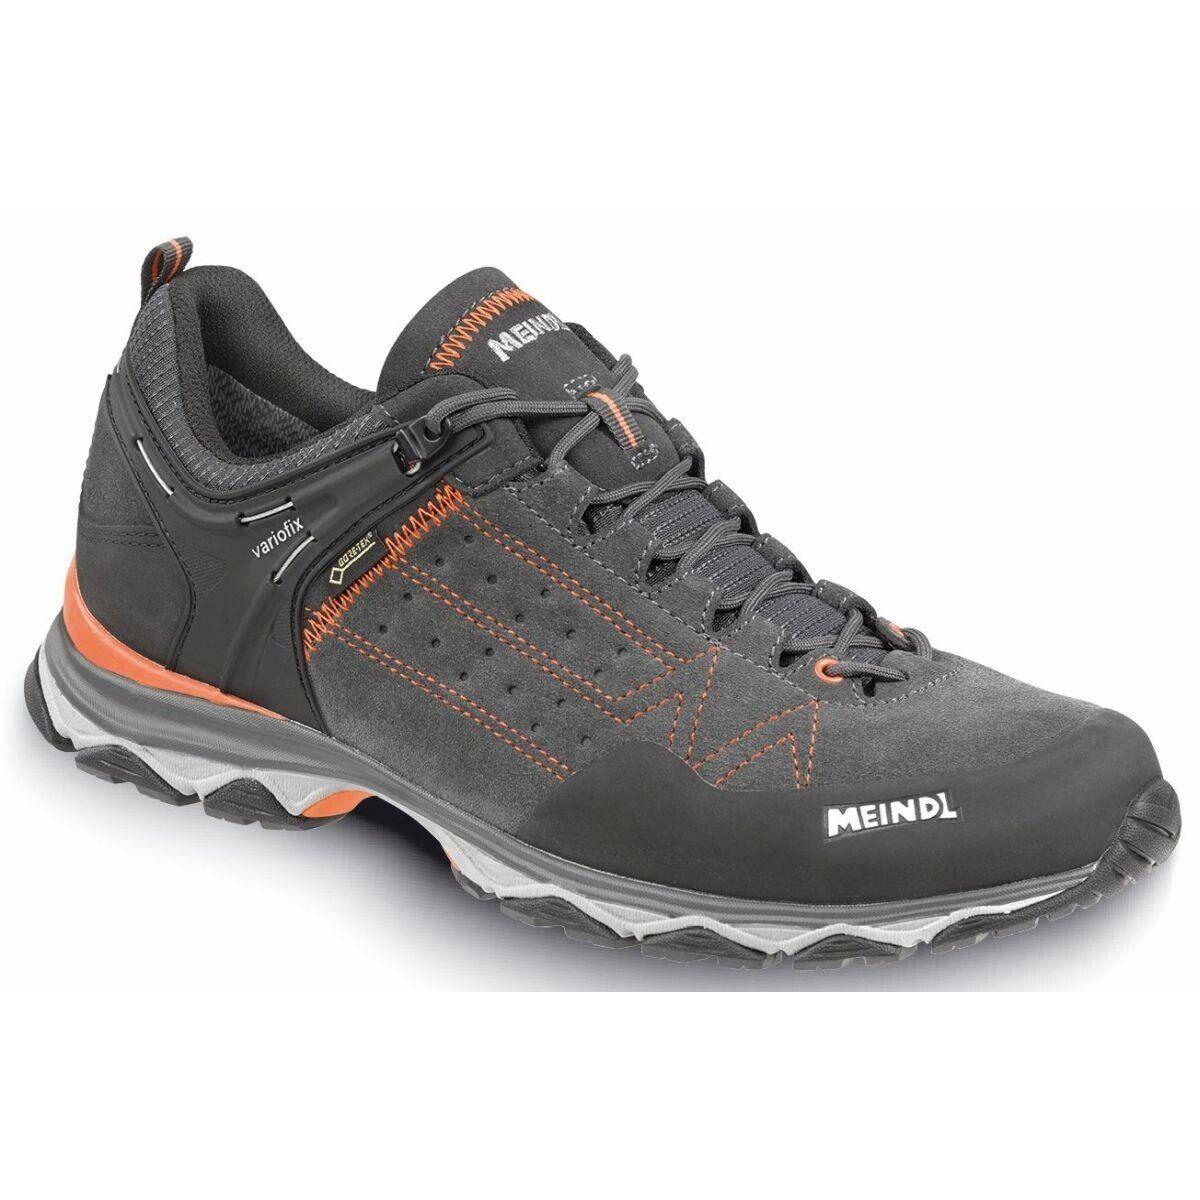 Meindl Ontario GTX zapatos  de senderismo negros  barato y de moda